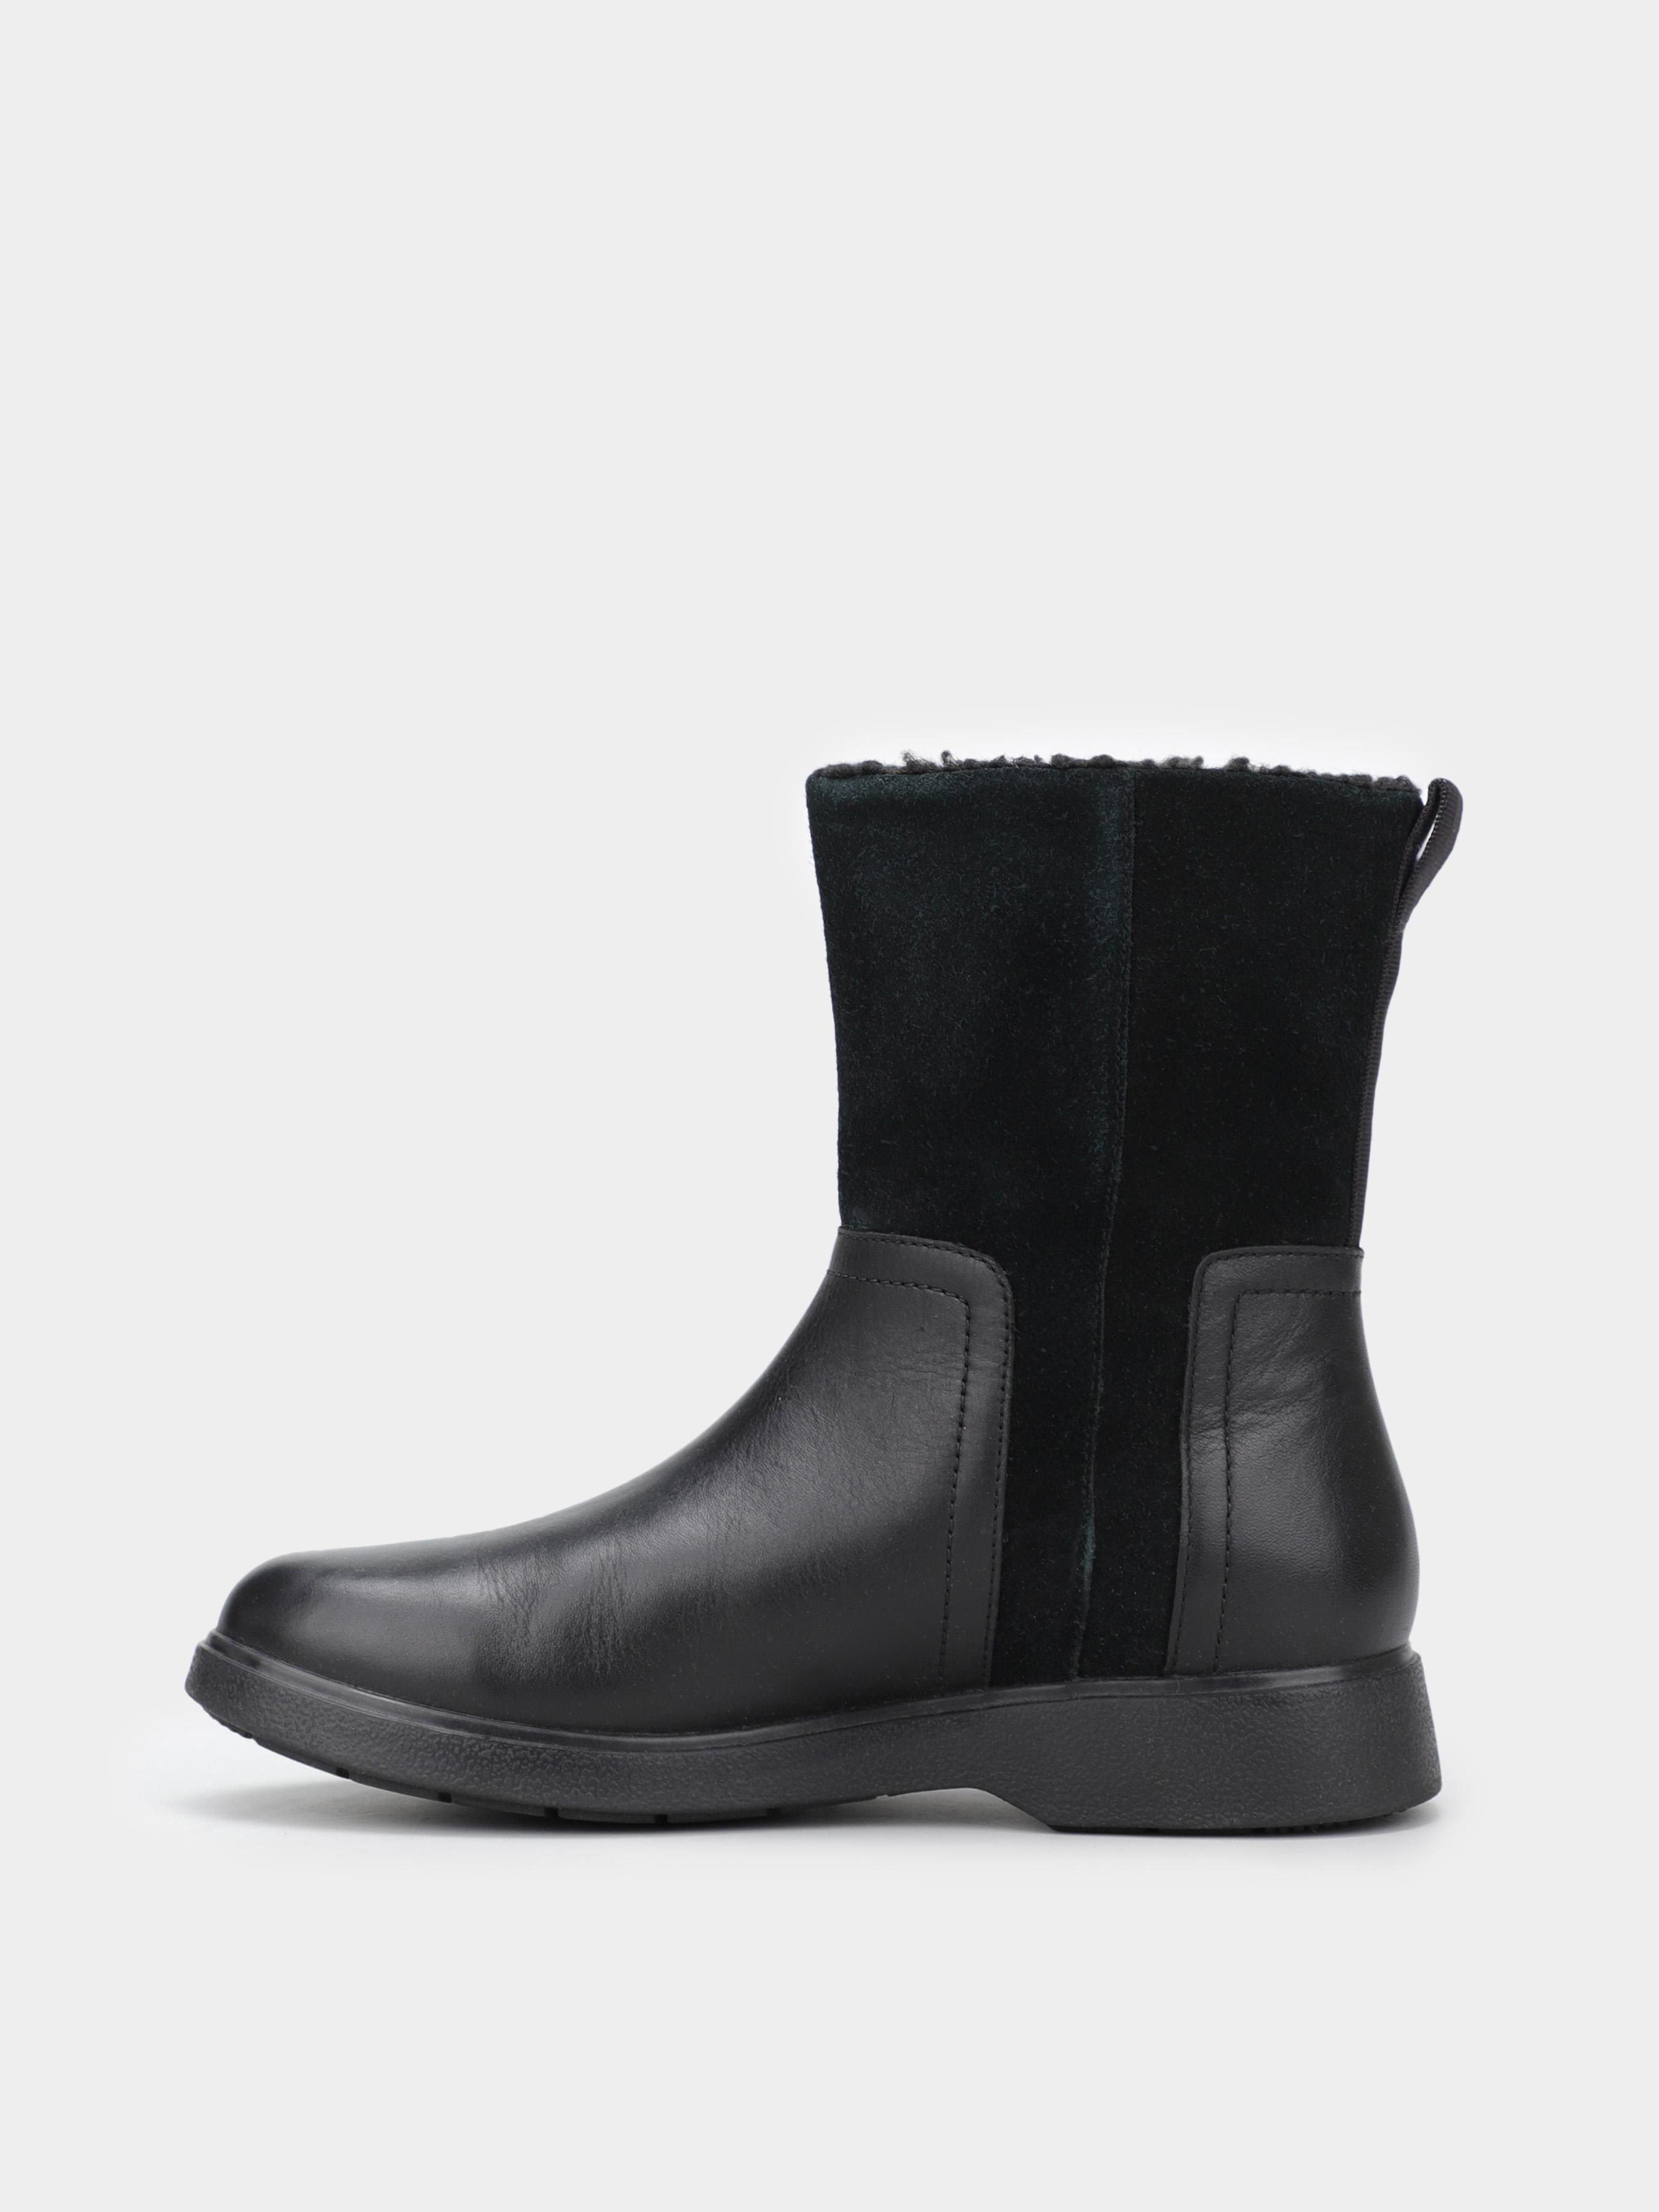 Ботинки для женщин Clarks Un Elda Mid OW4490 Заказать, 2017